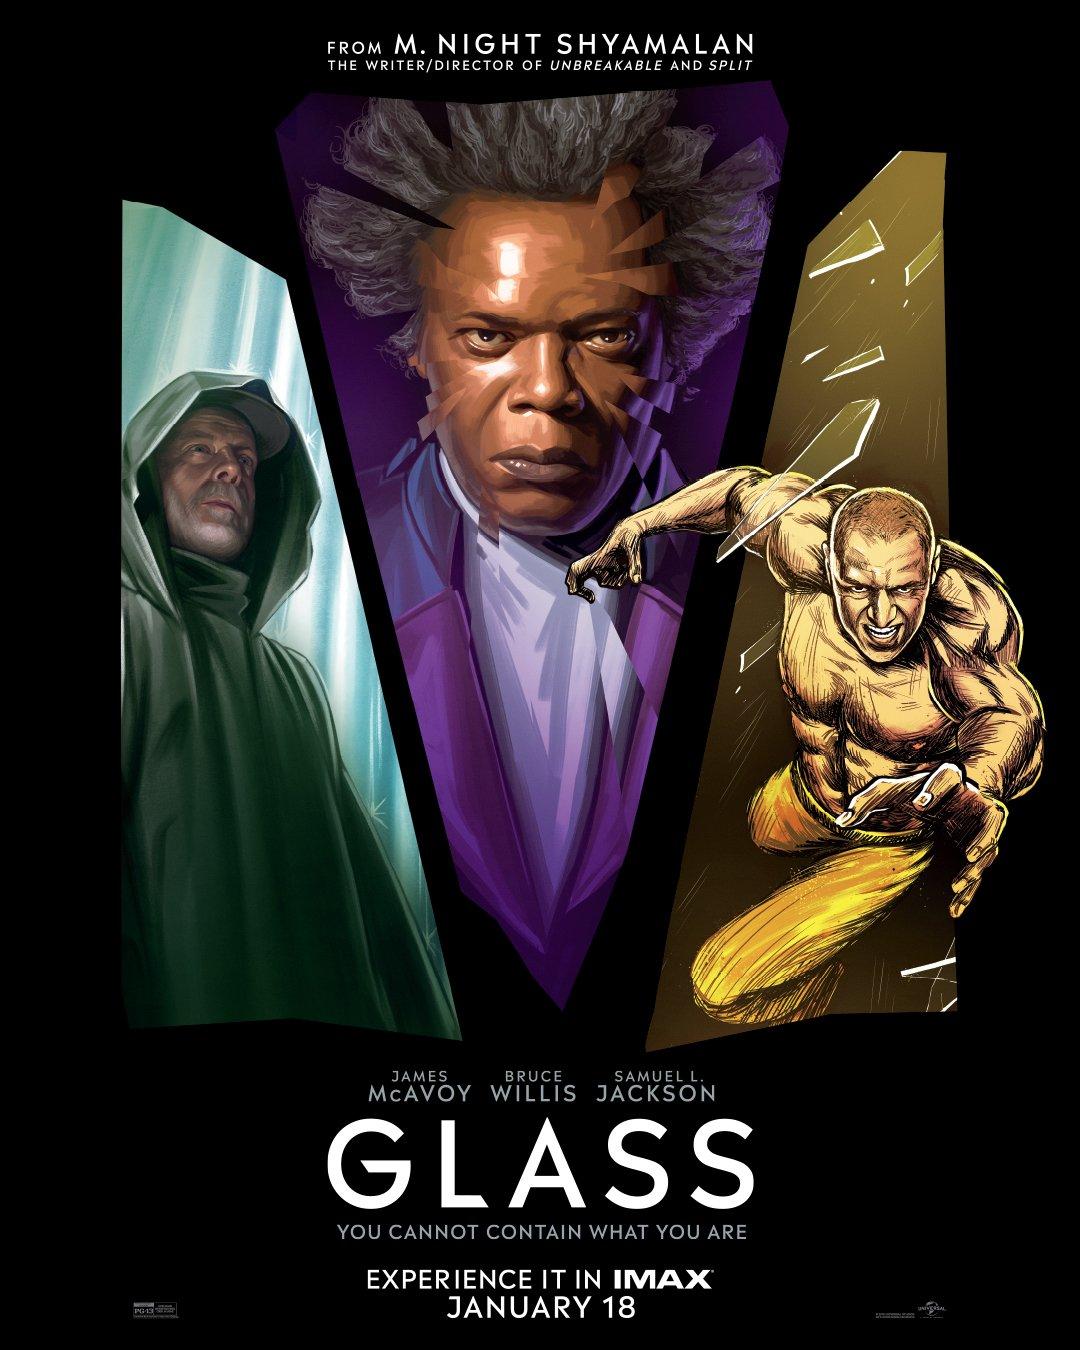 Póster IMAX de Glass (2019). Imagen: IMAX Twitter (@IMAX).